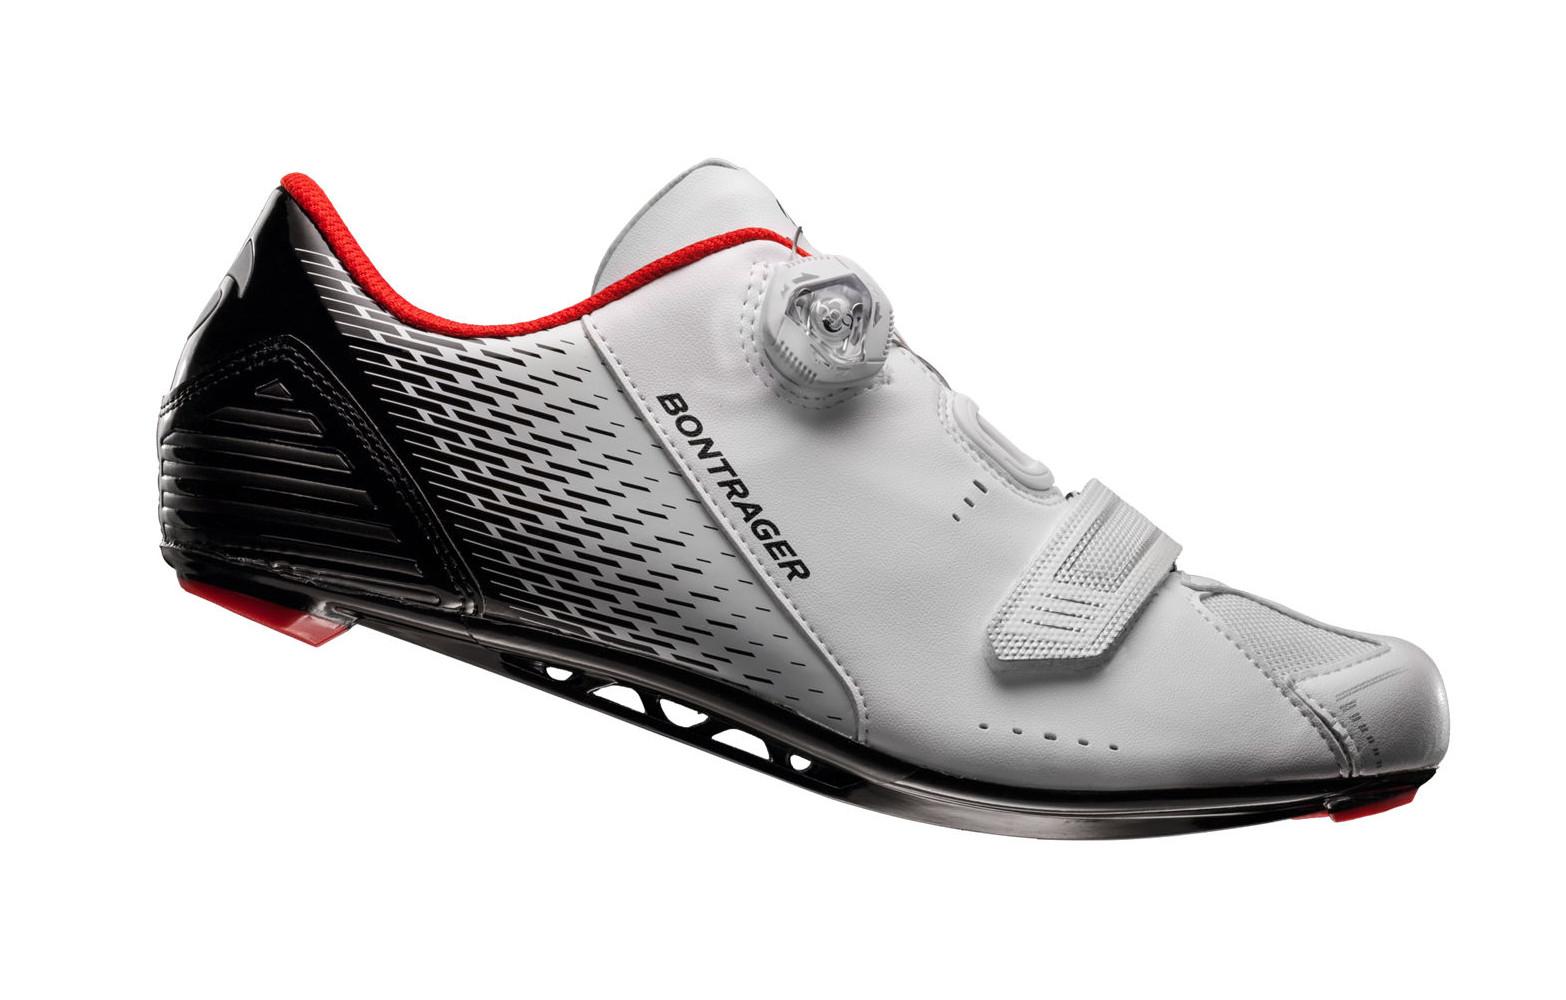 dernière sélection vraiment à l'aise texture nette Chaussures Route BONTRAGER SPECTER Blanc Noir